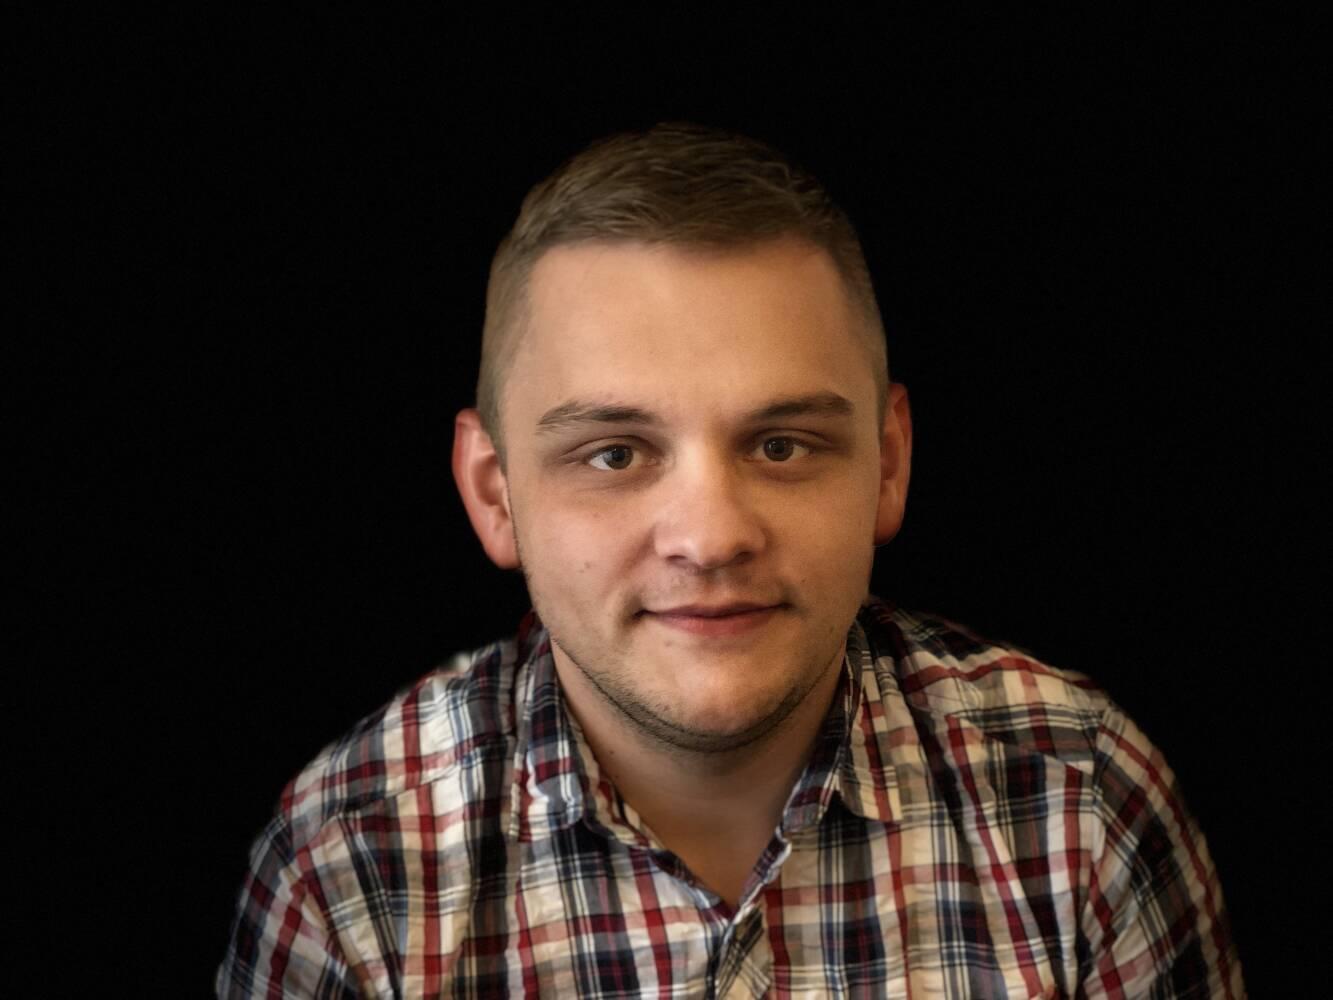 Damian Ziubroniewicz